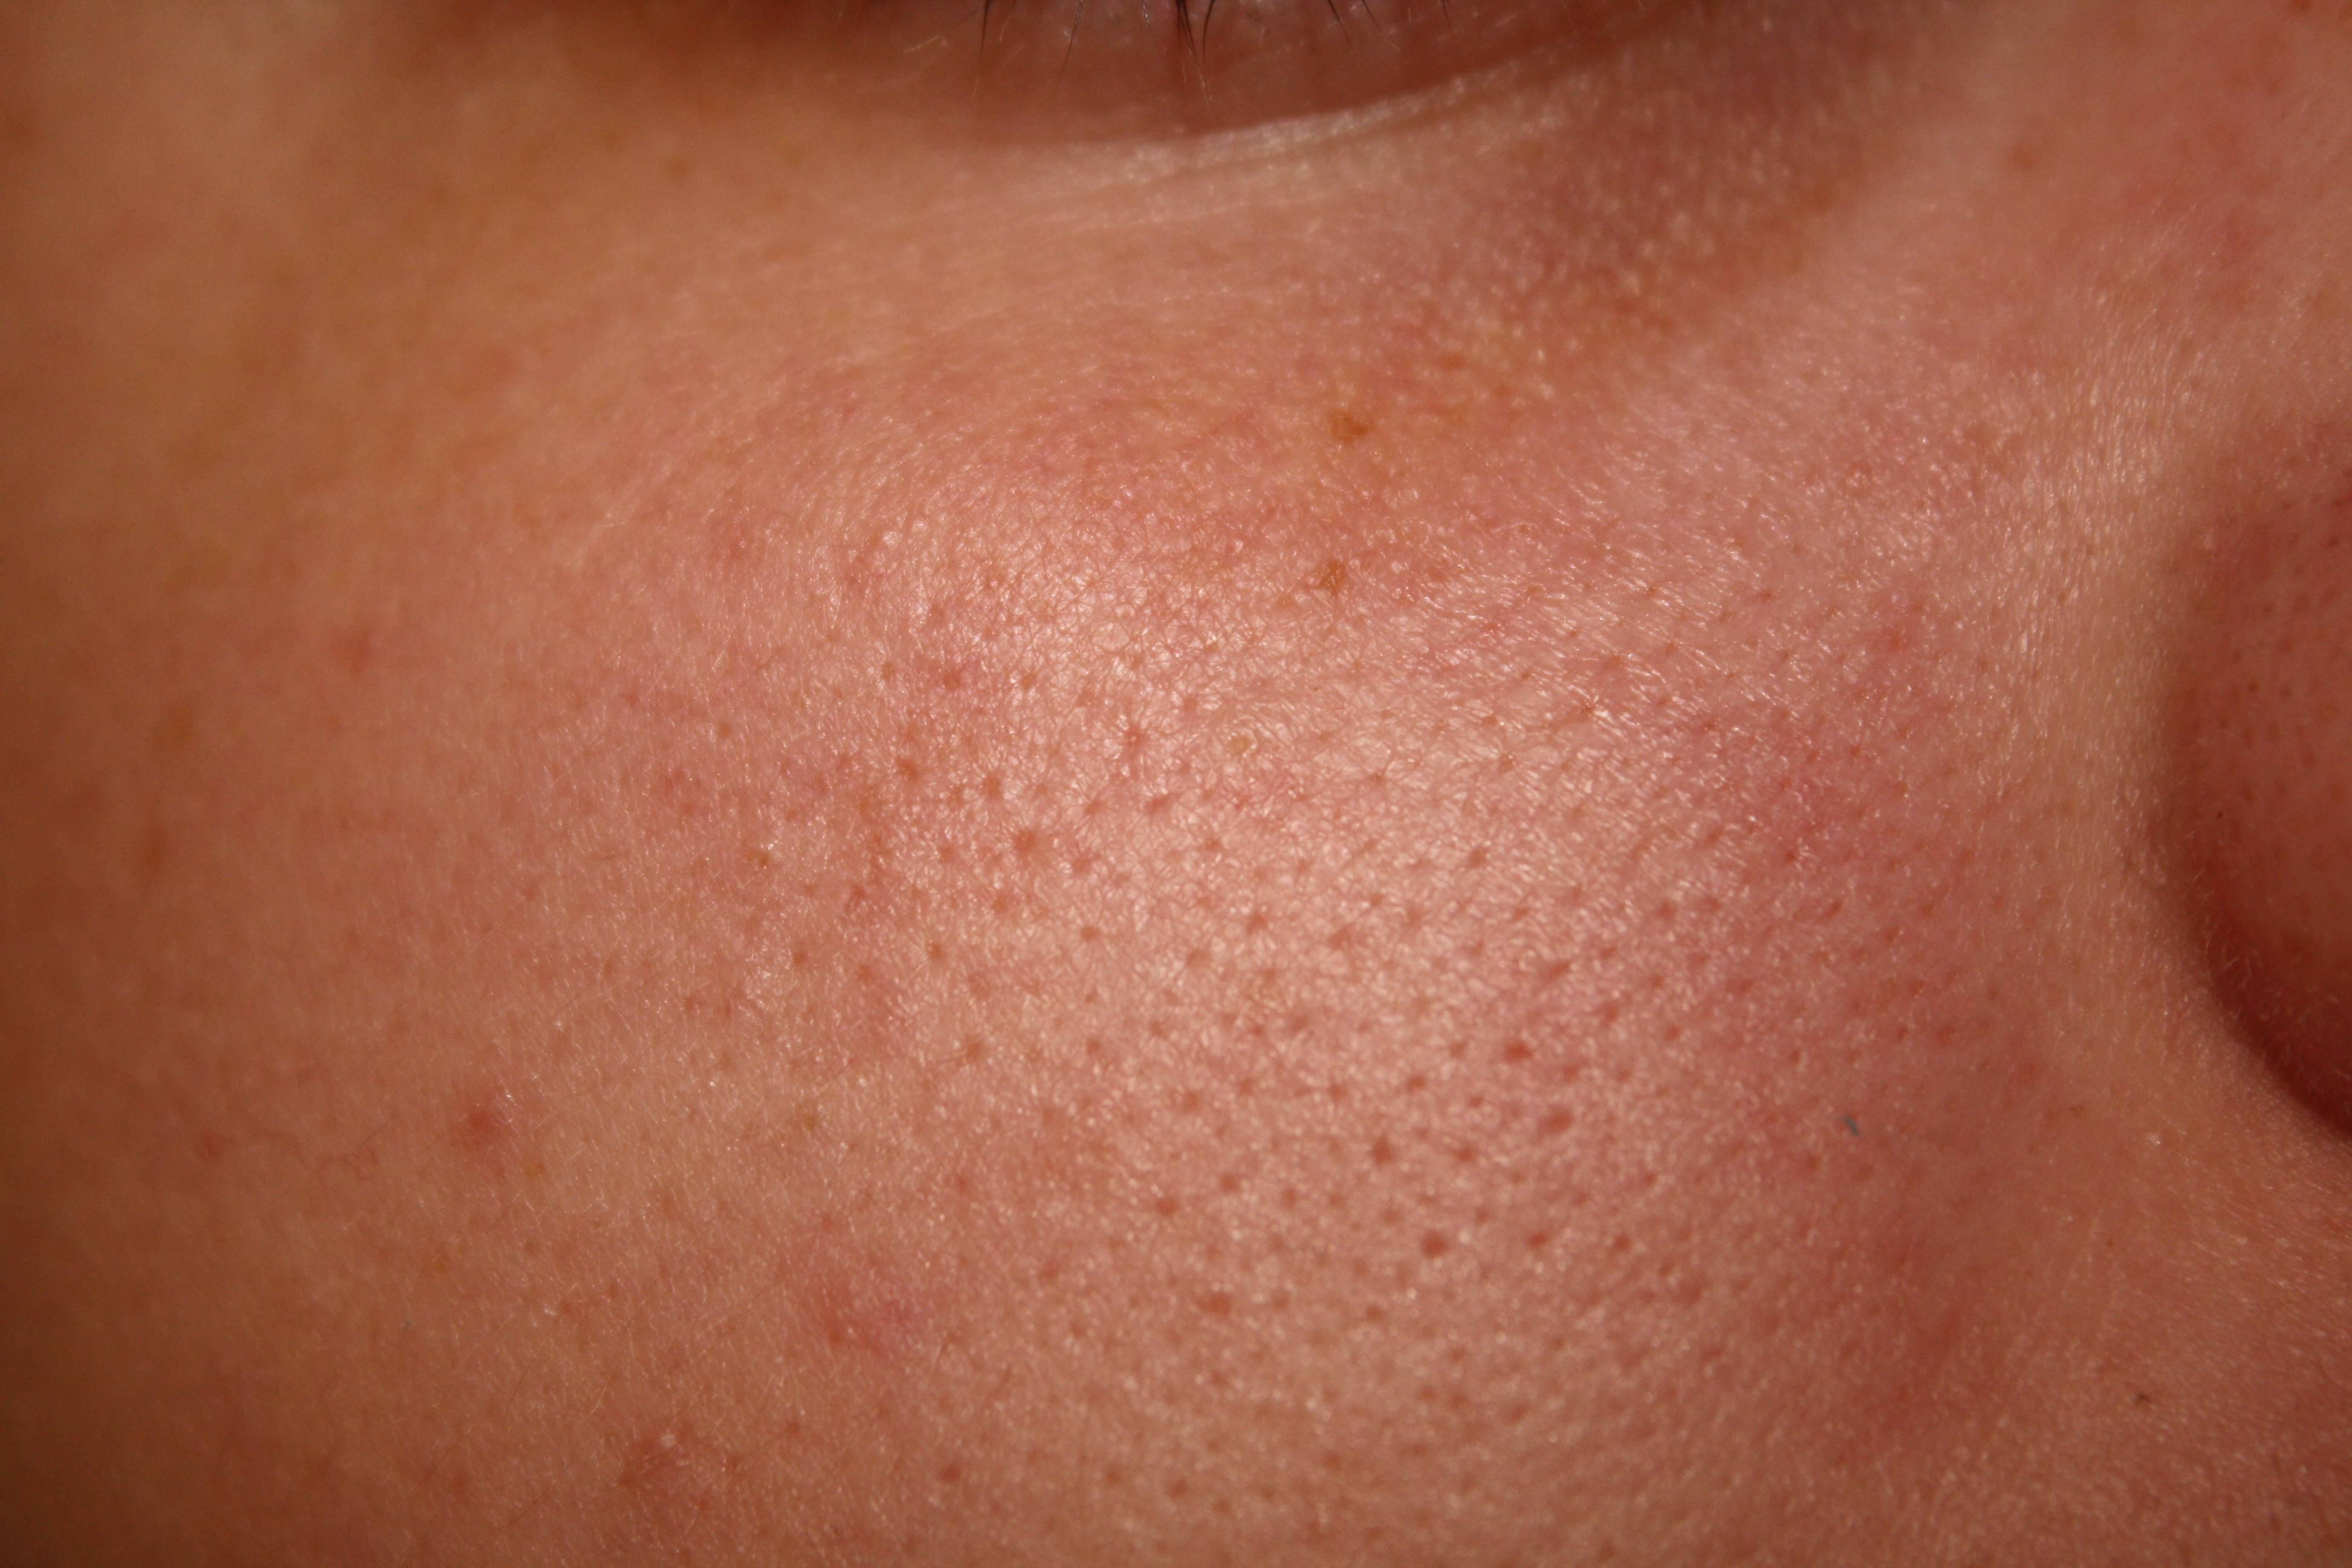 Расширенные поры на лице как избавиться от них эффективно не причиняя вреда коже